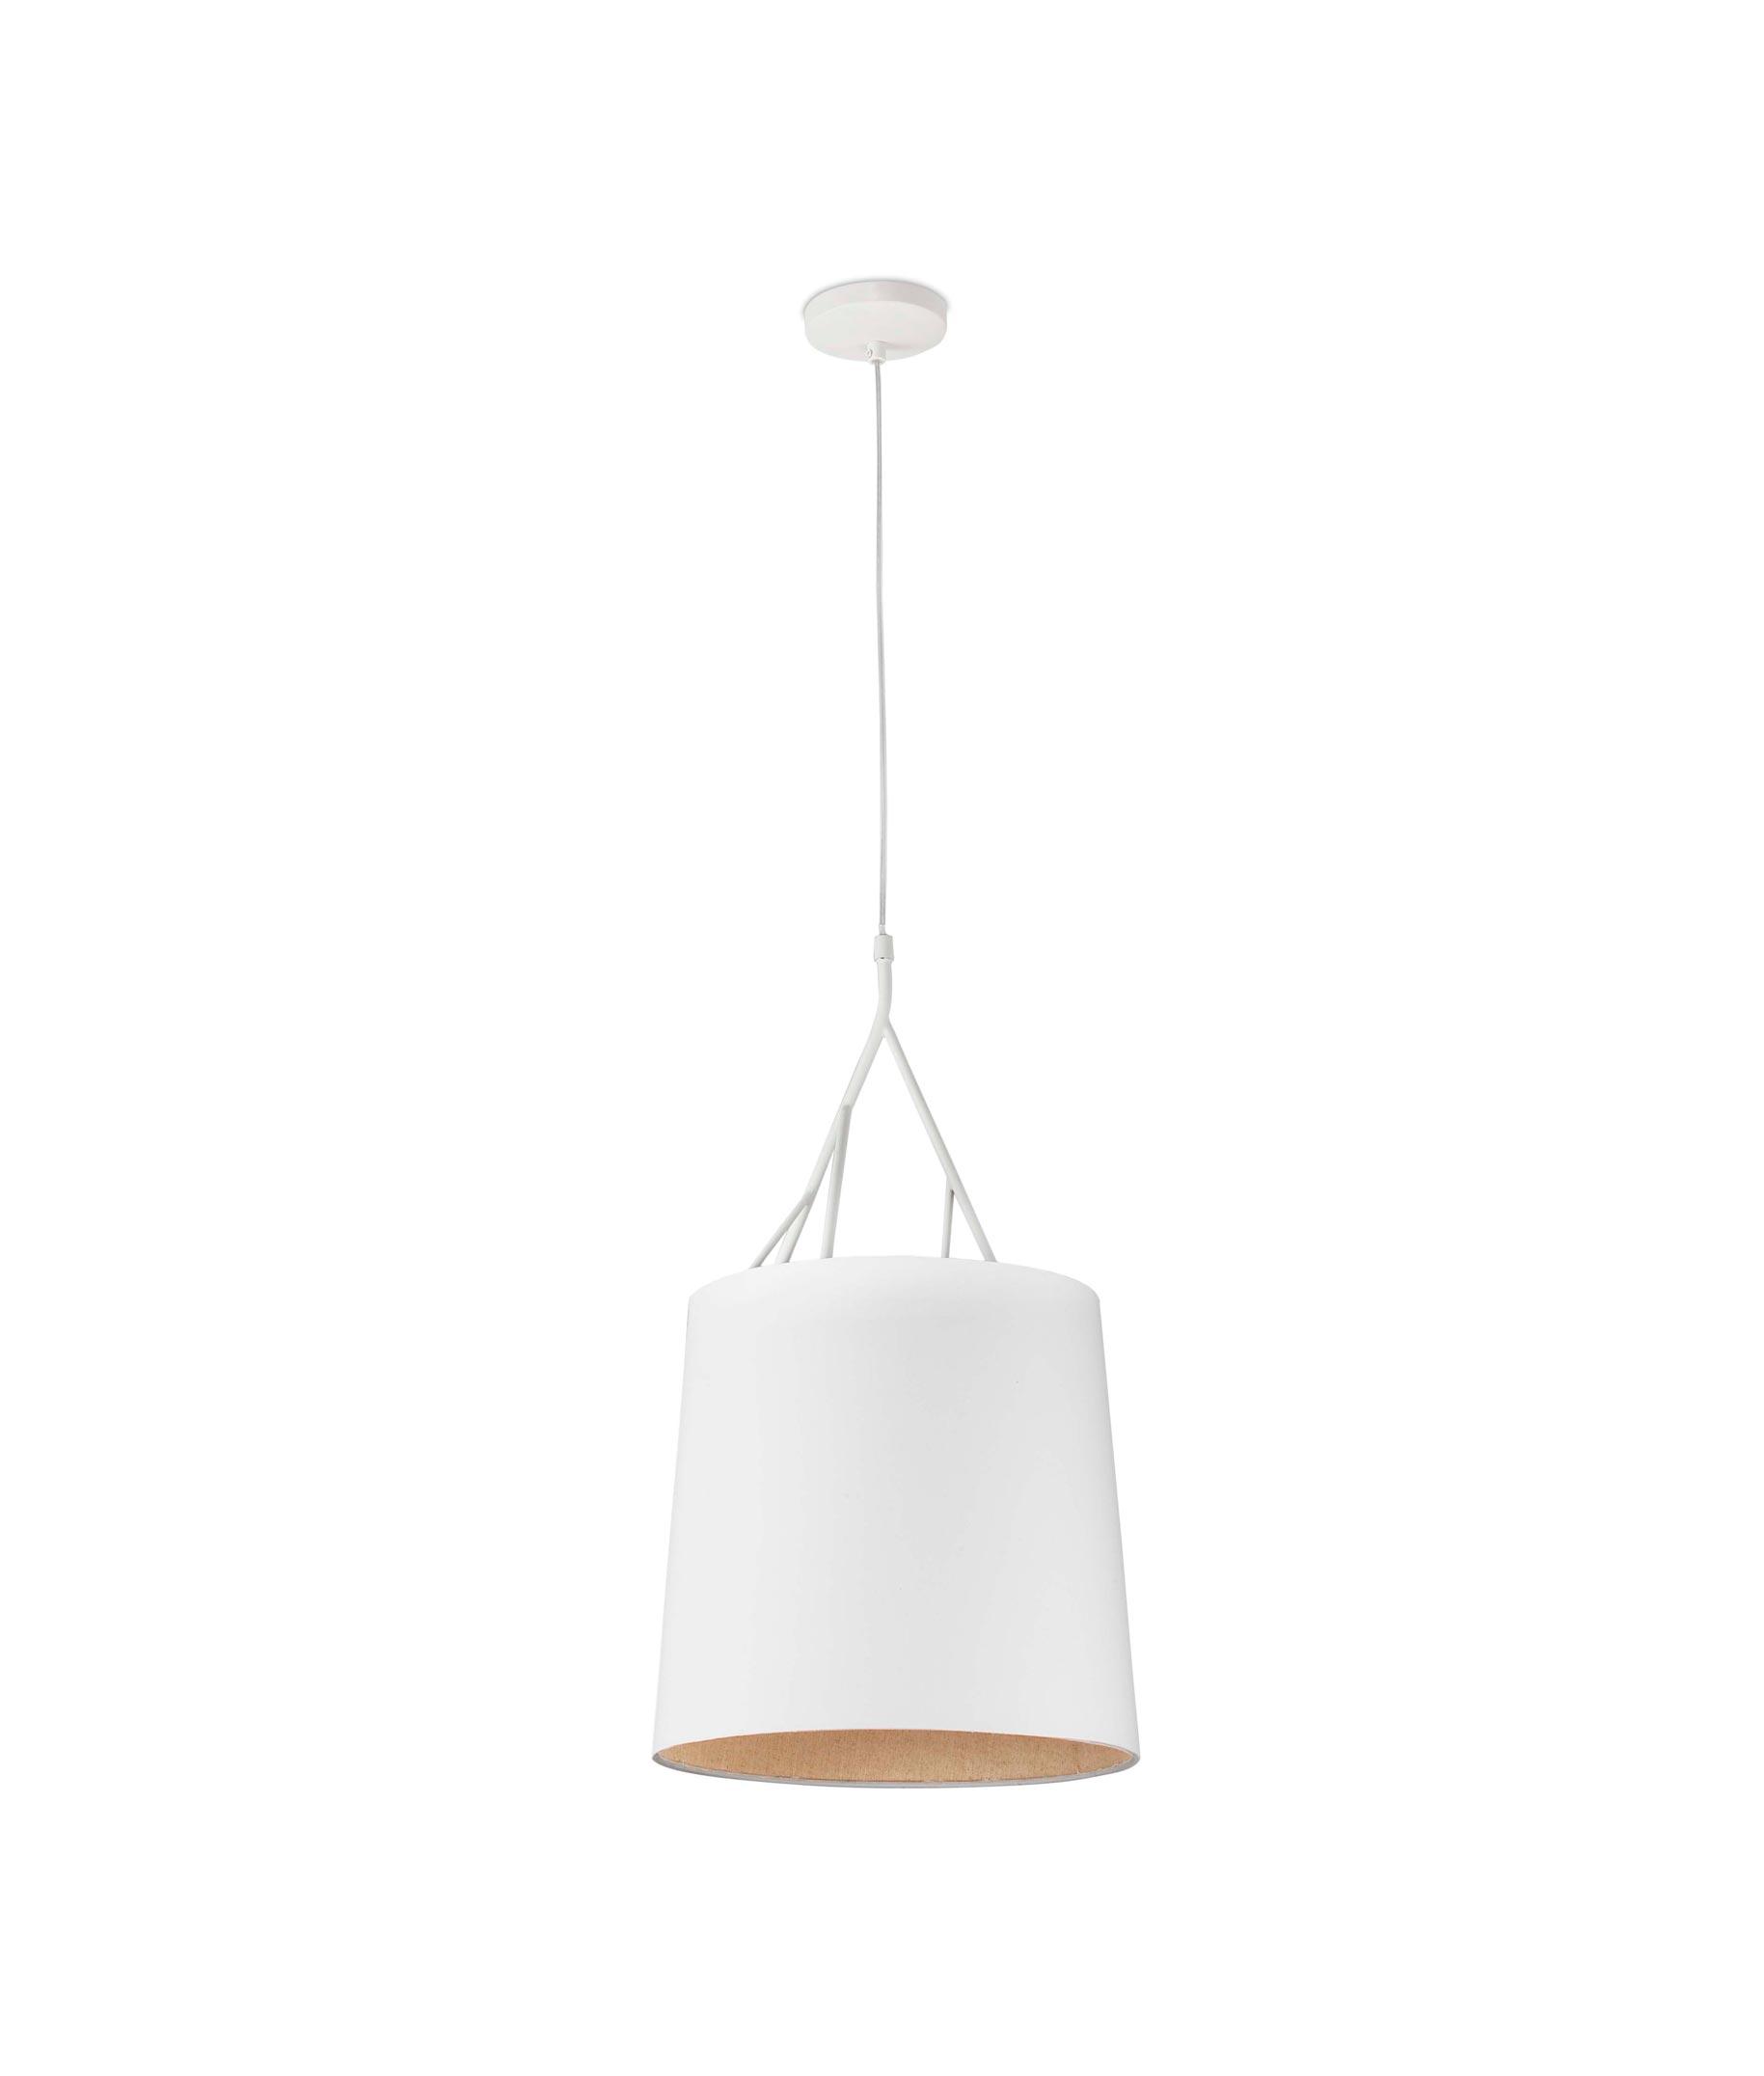 Lámpara de techo blanca TREE